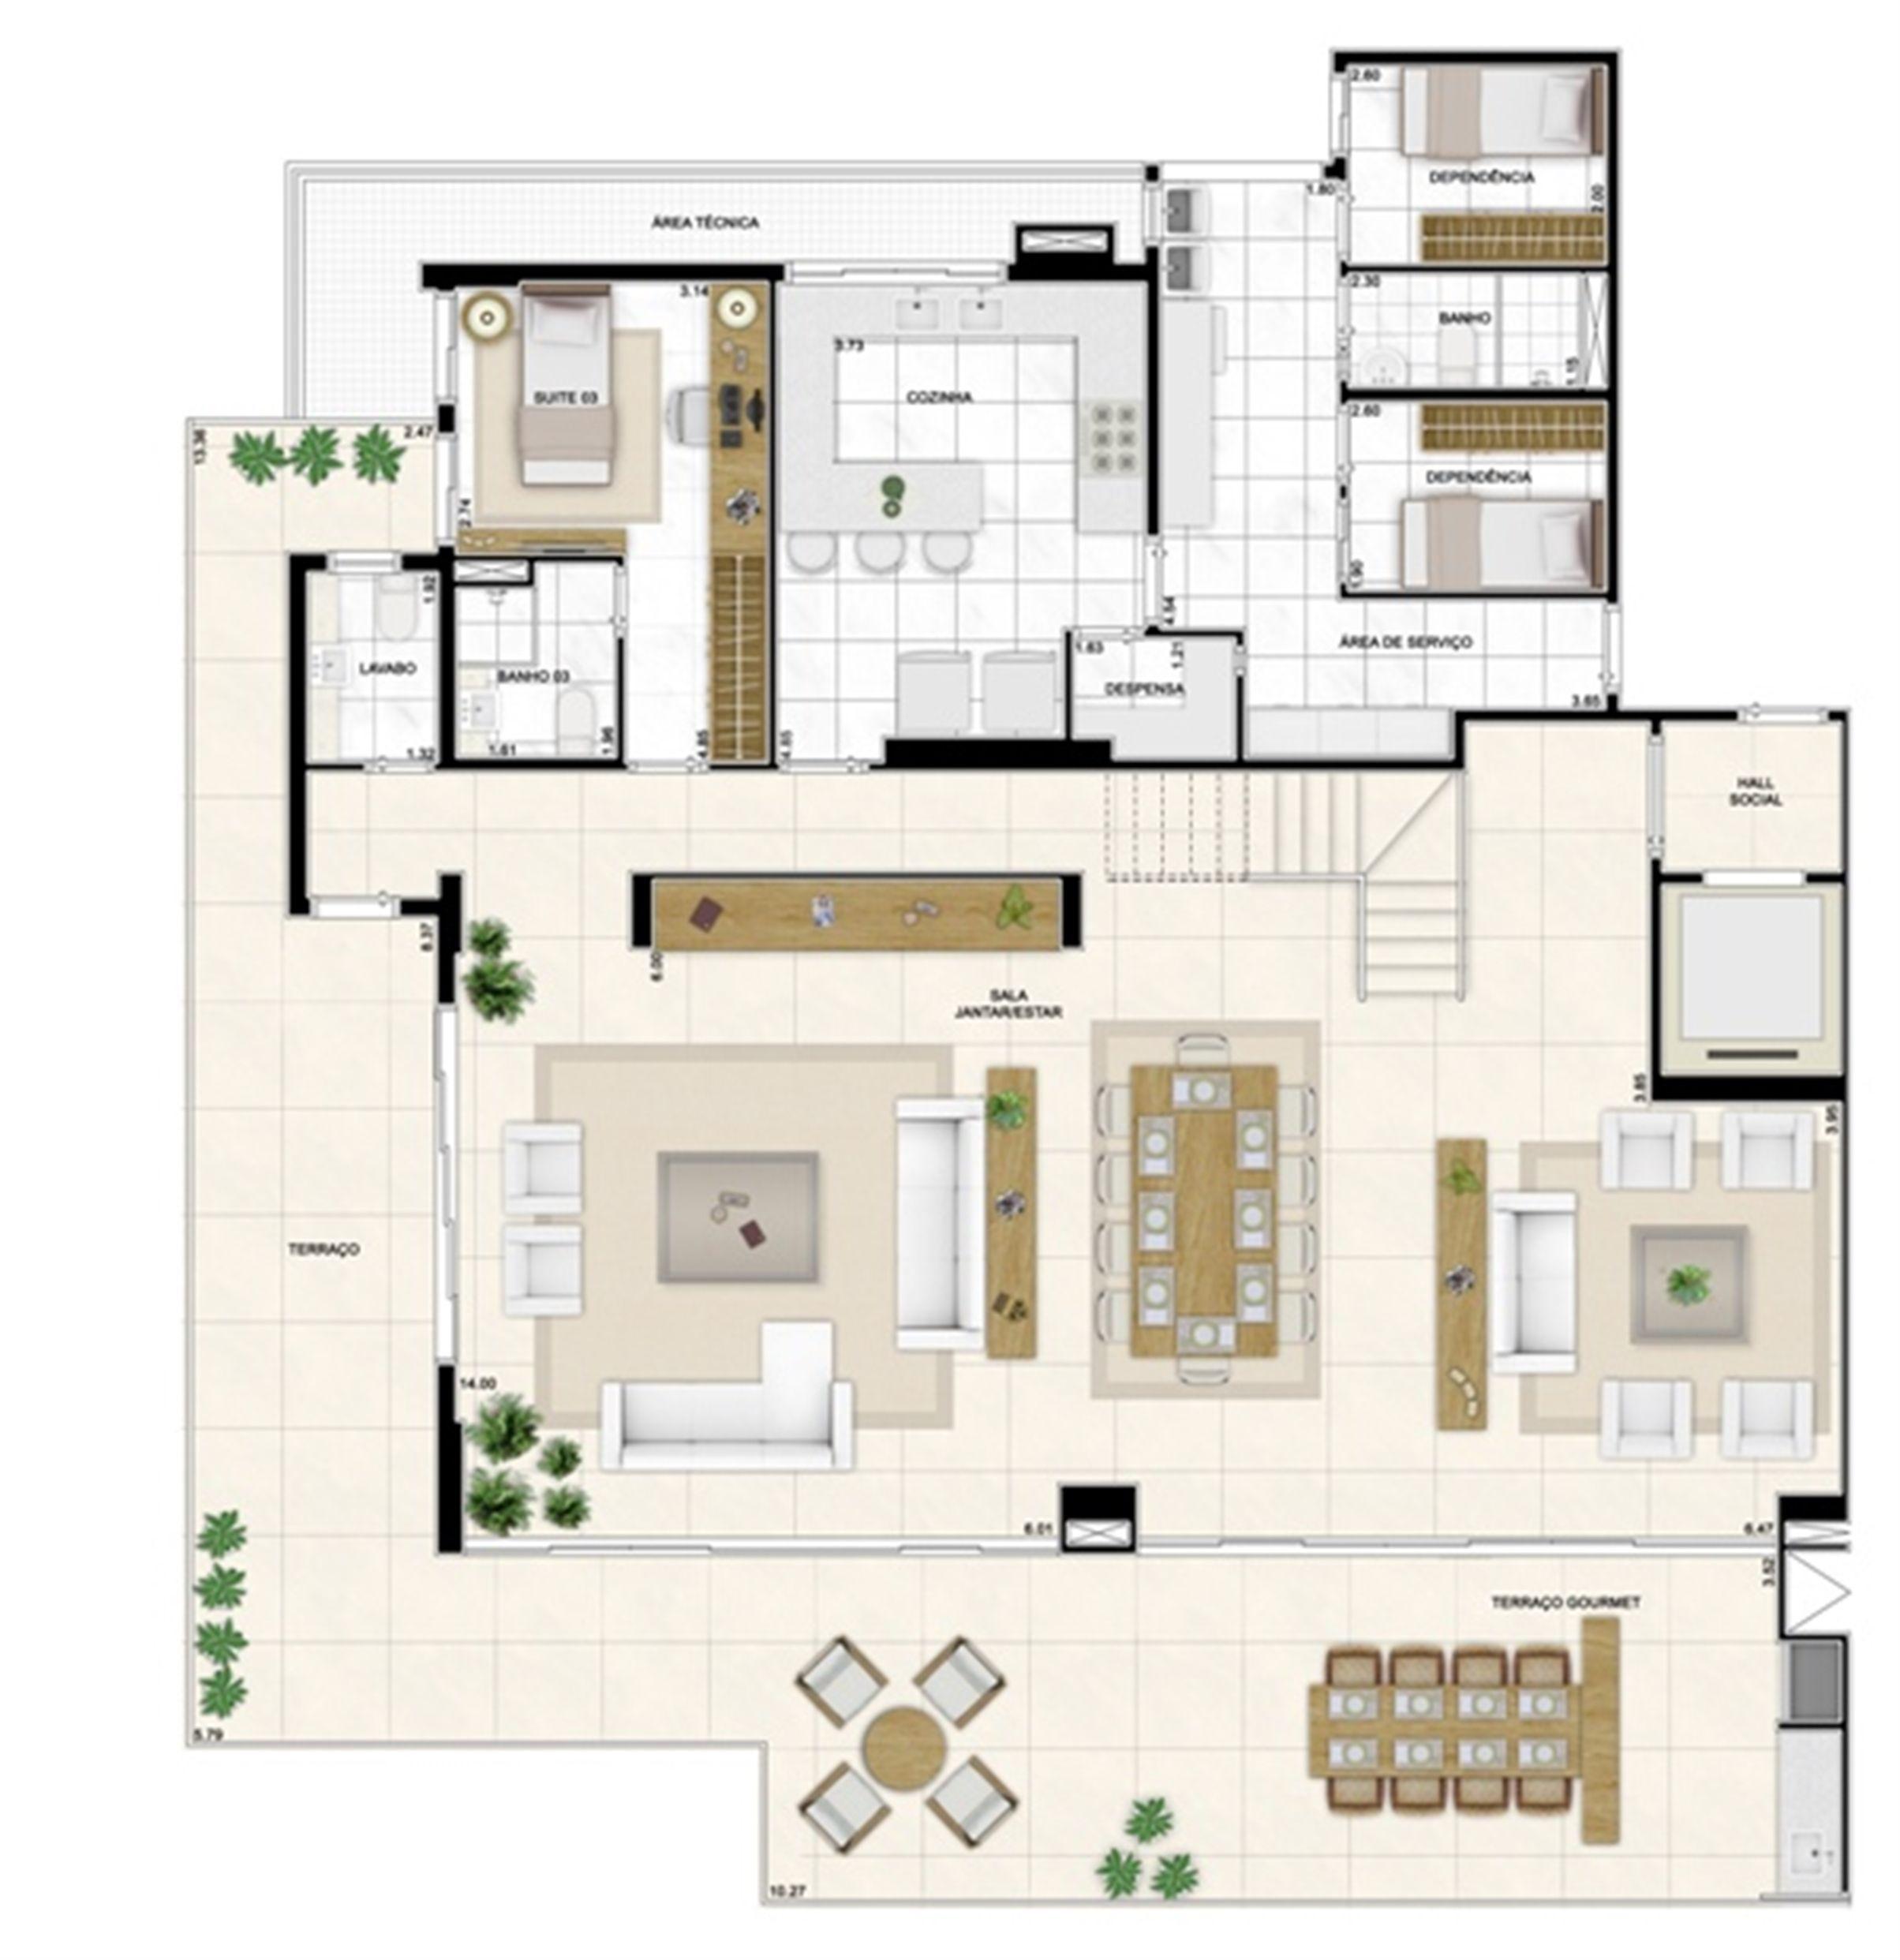 Planta Duplex Inferior 406m² | Infinity Areia Preta – Apartamento na  Areia Preta - Natal - Rio Grande do Norte